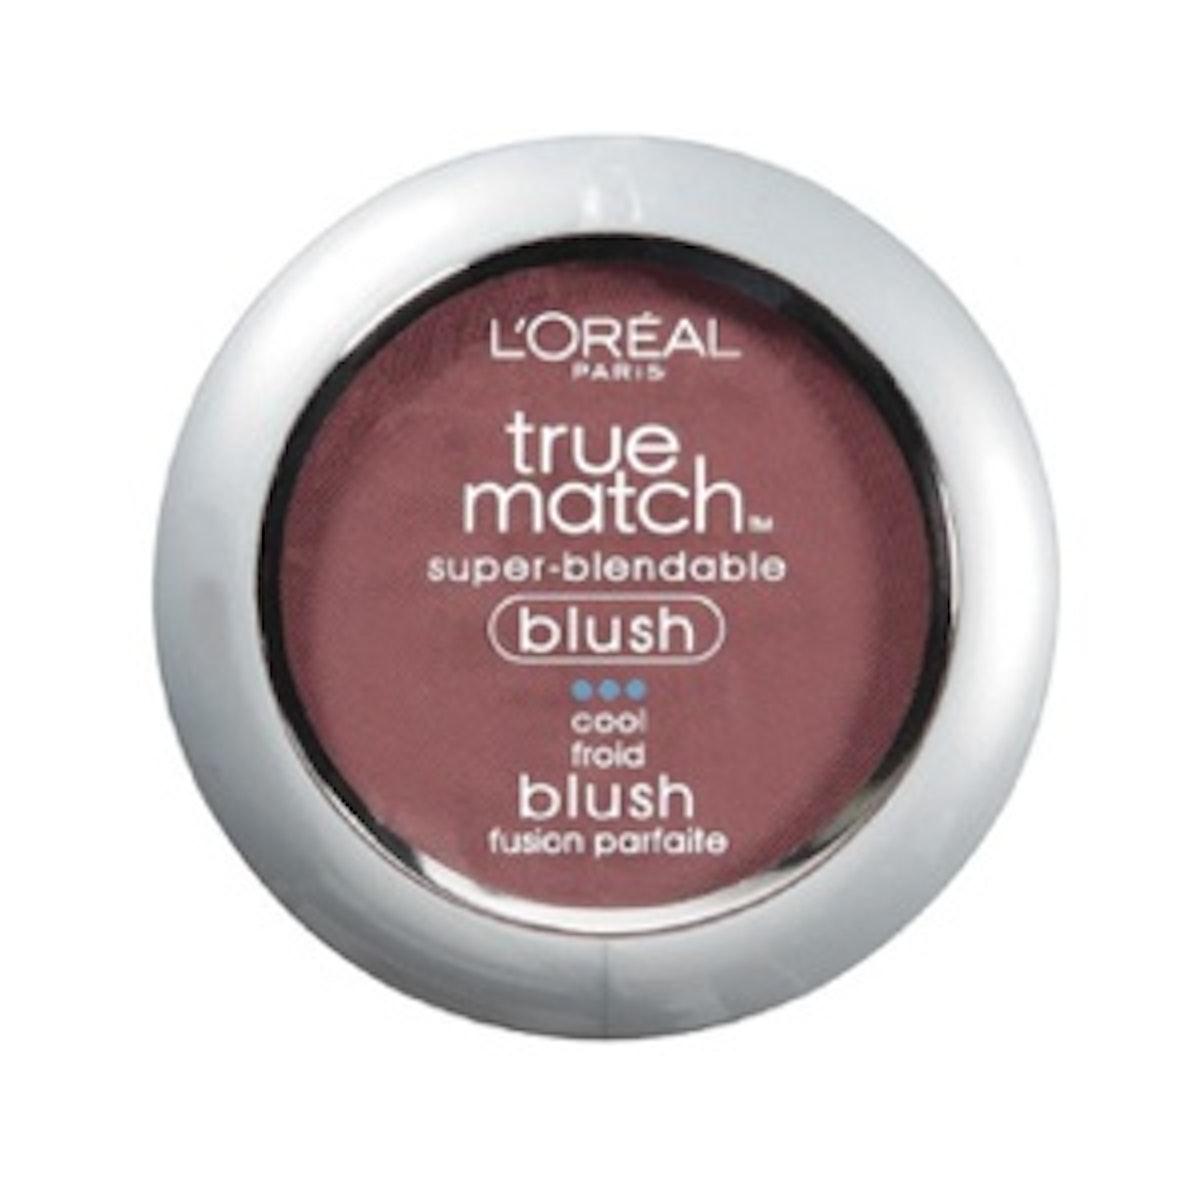 Super-Blendable Blush